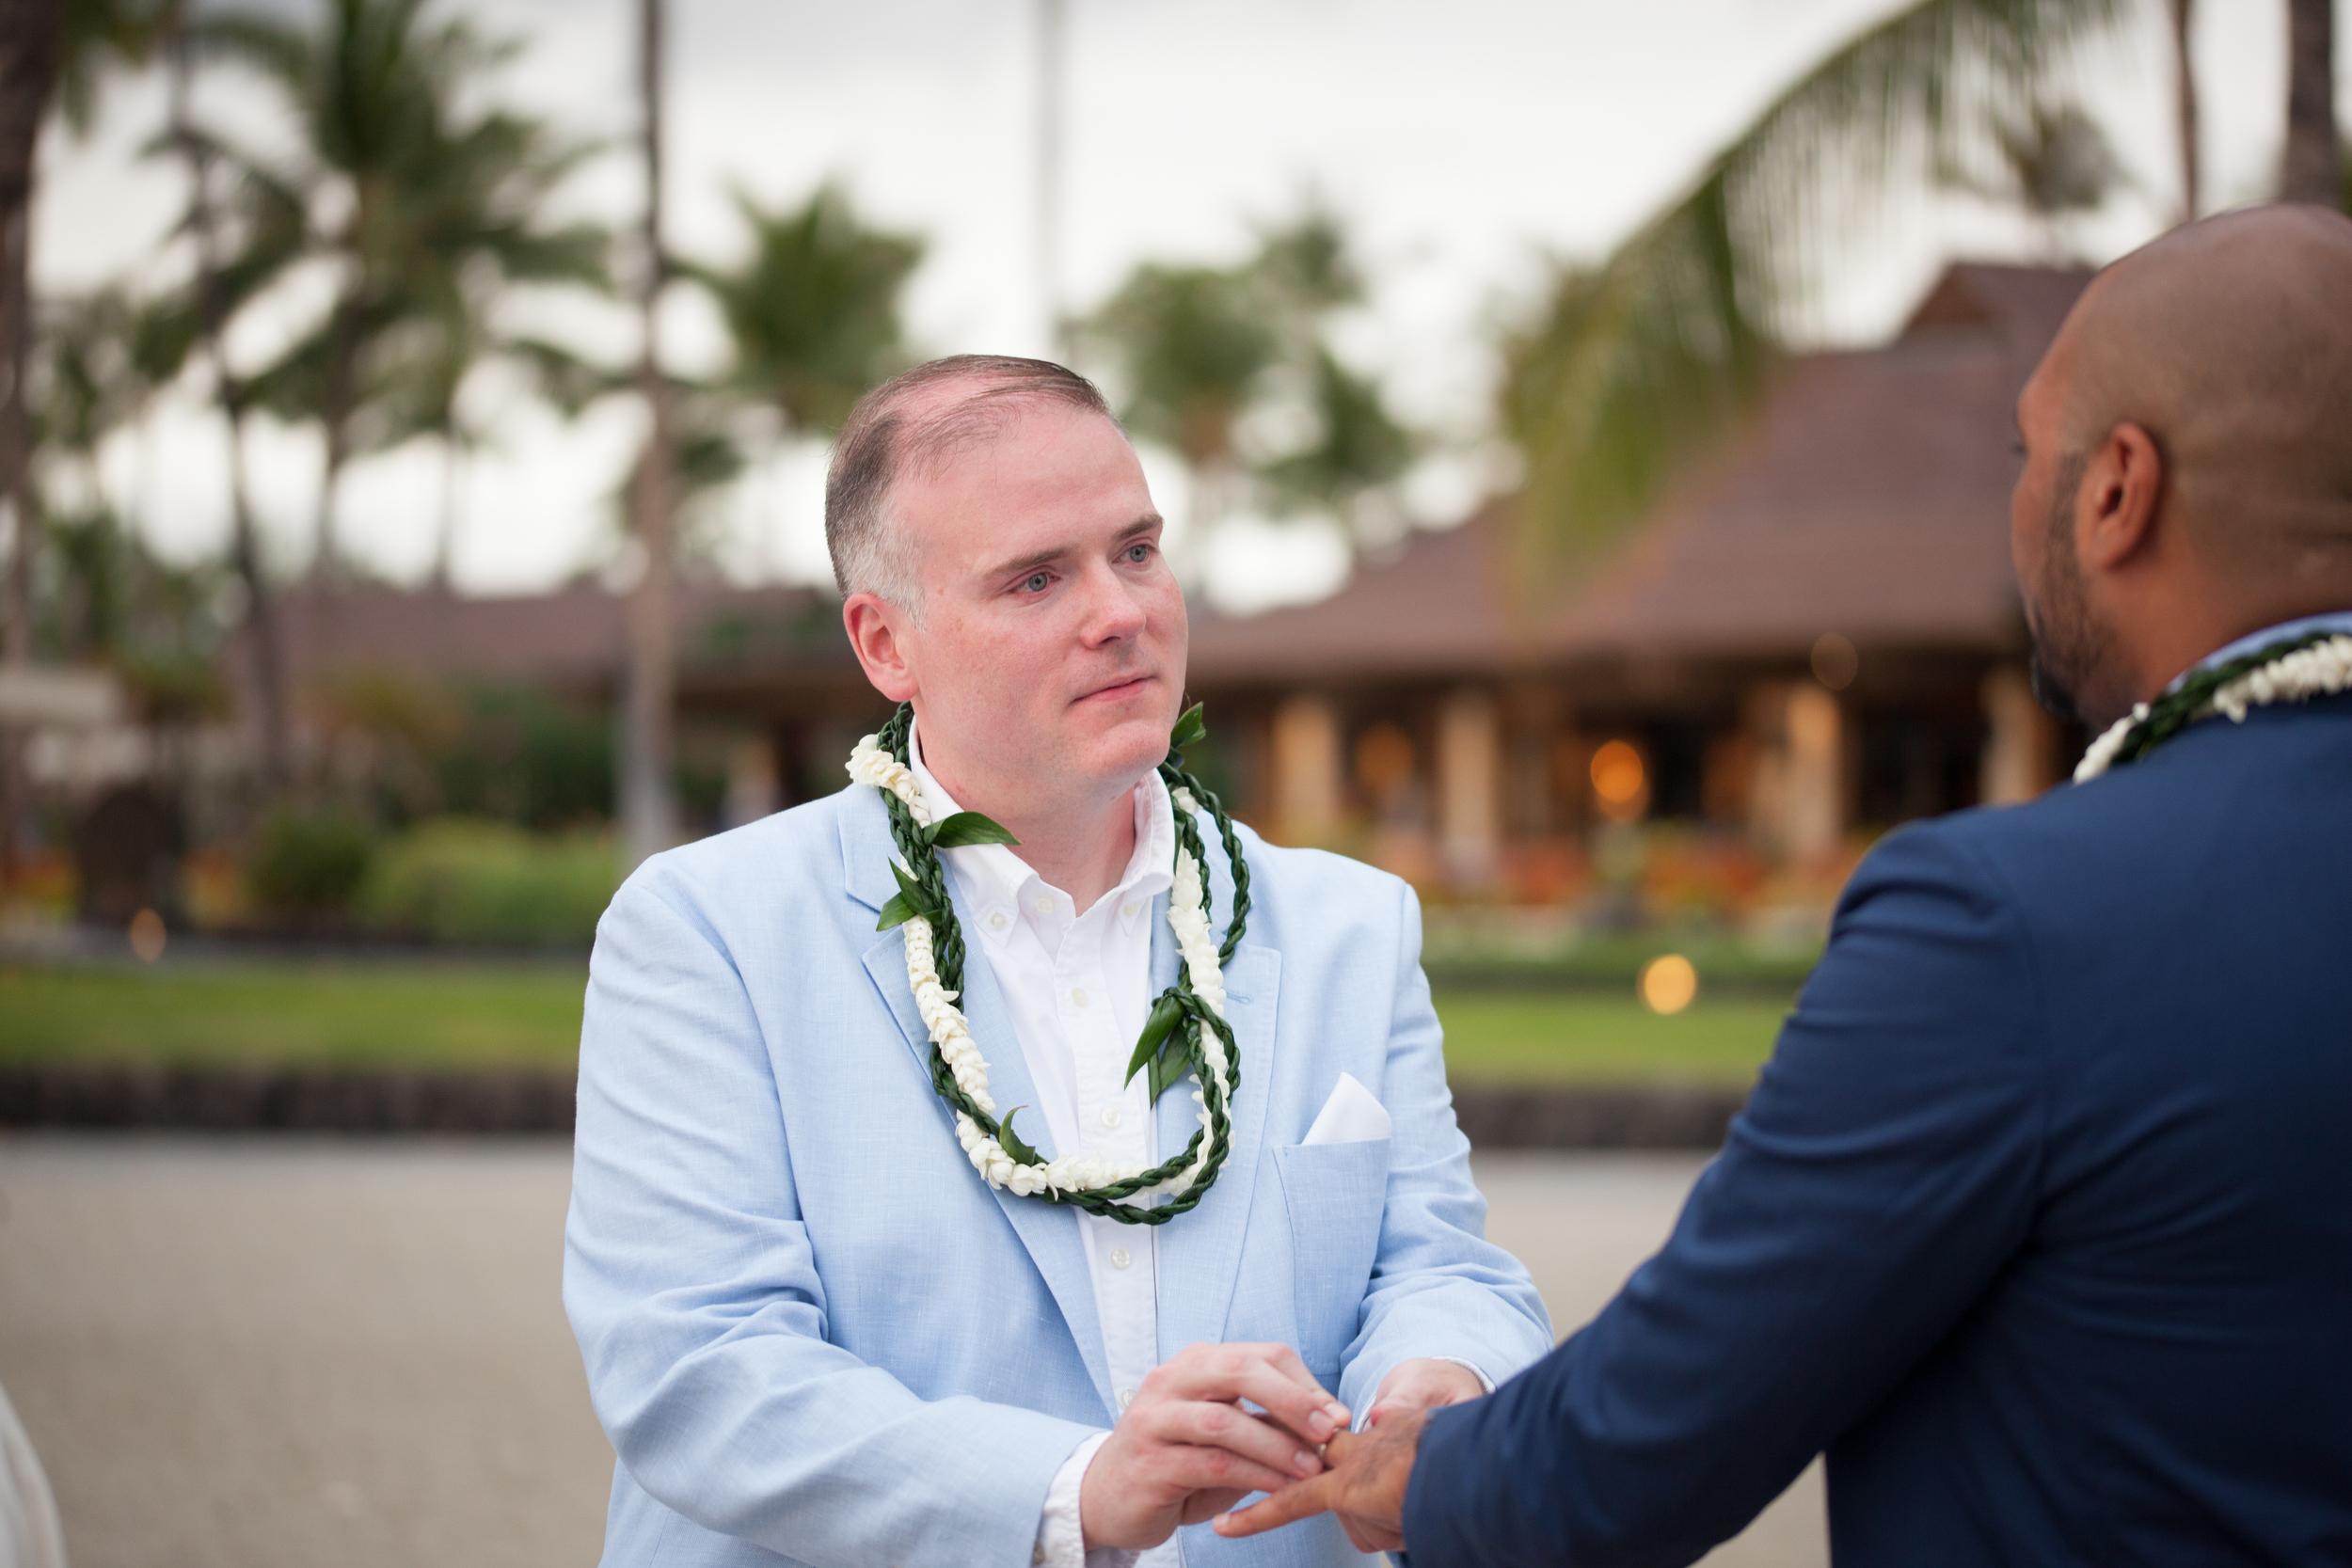 big island hawaii rmauna lani beach wedding © kelilina photography 20160601183508-3.jpg